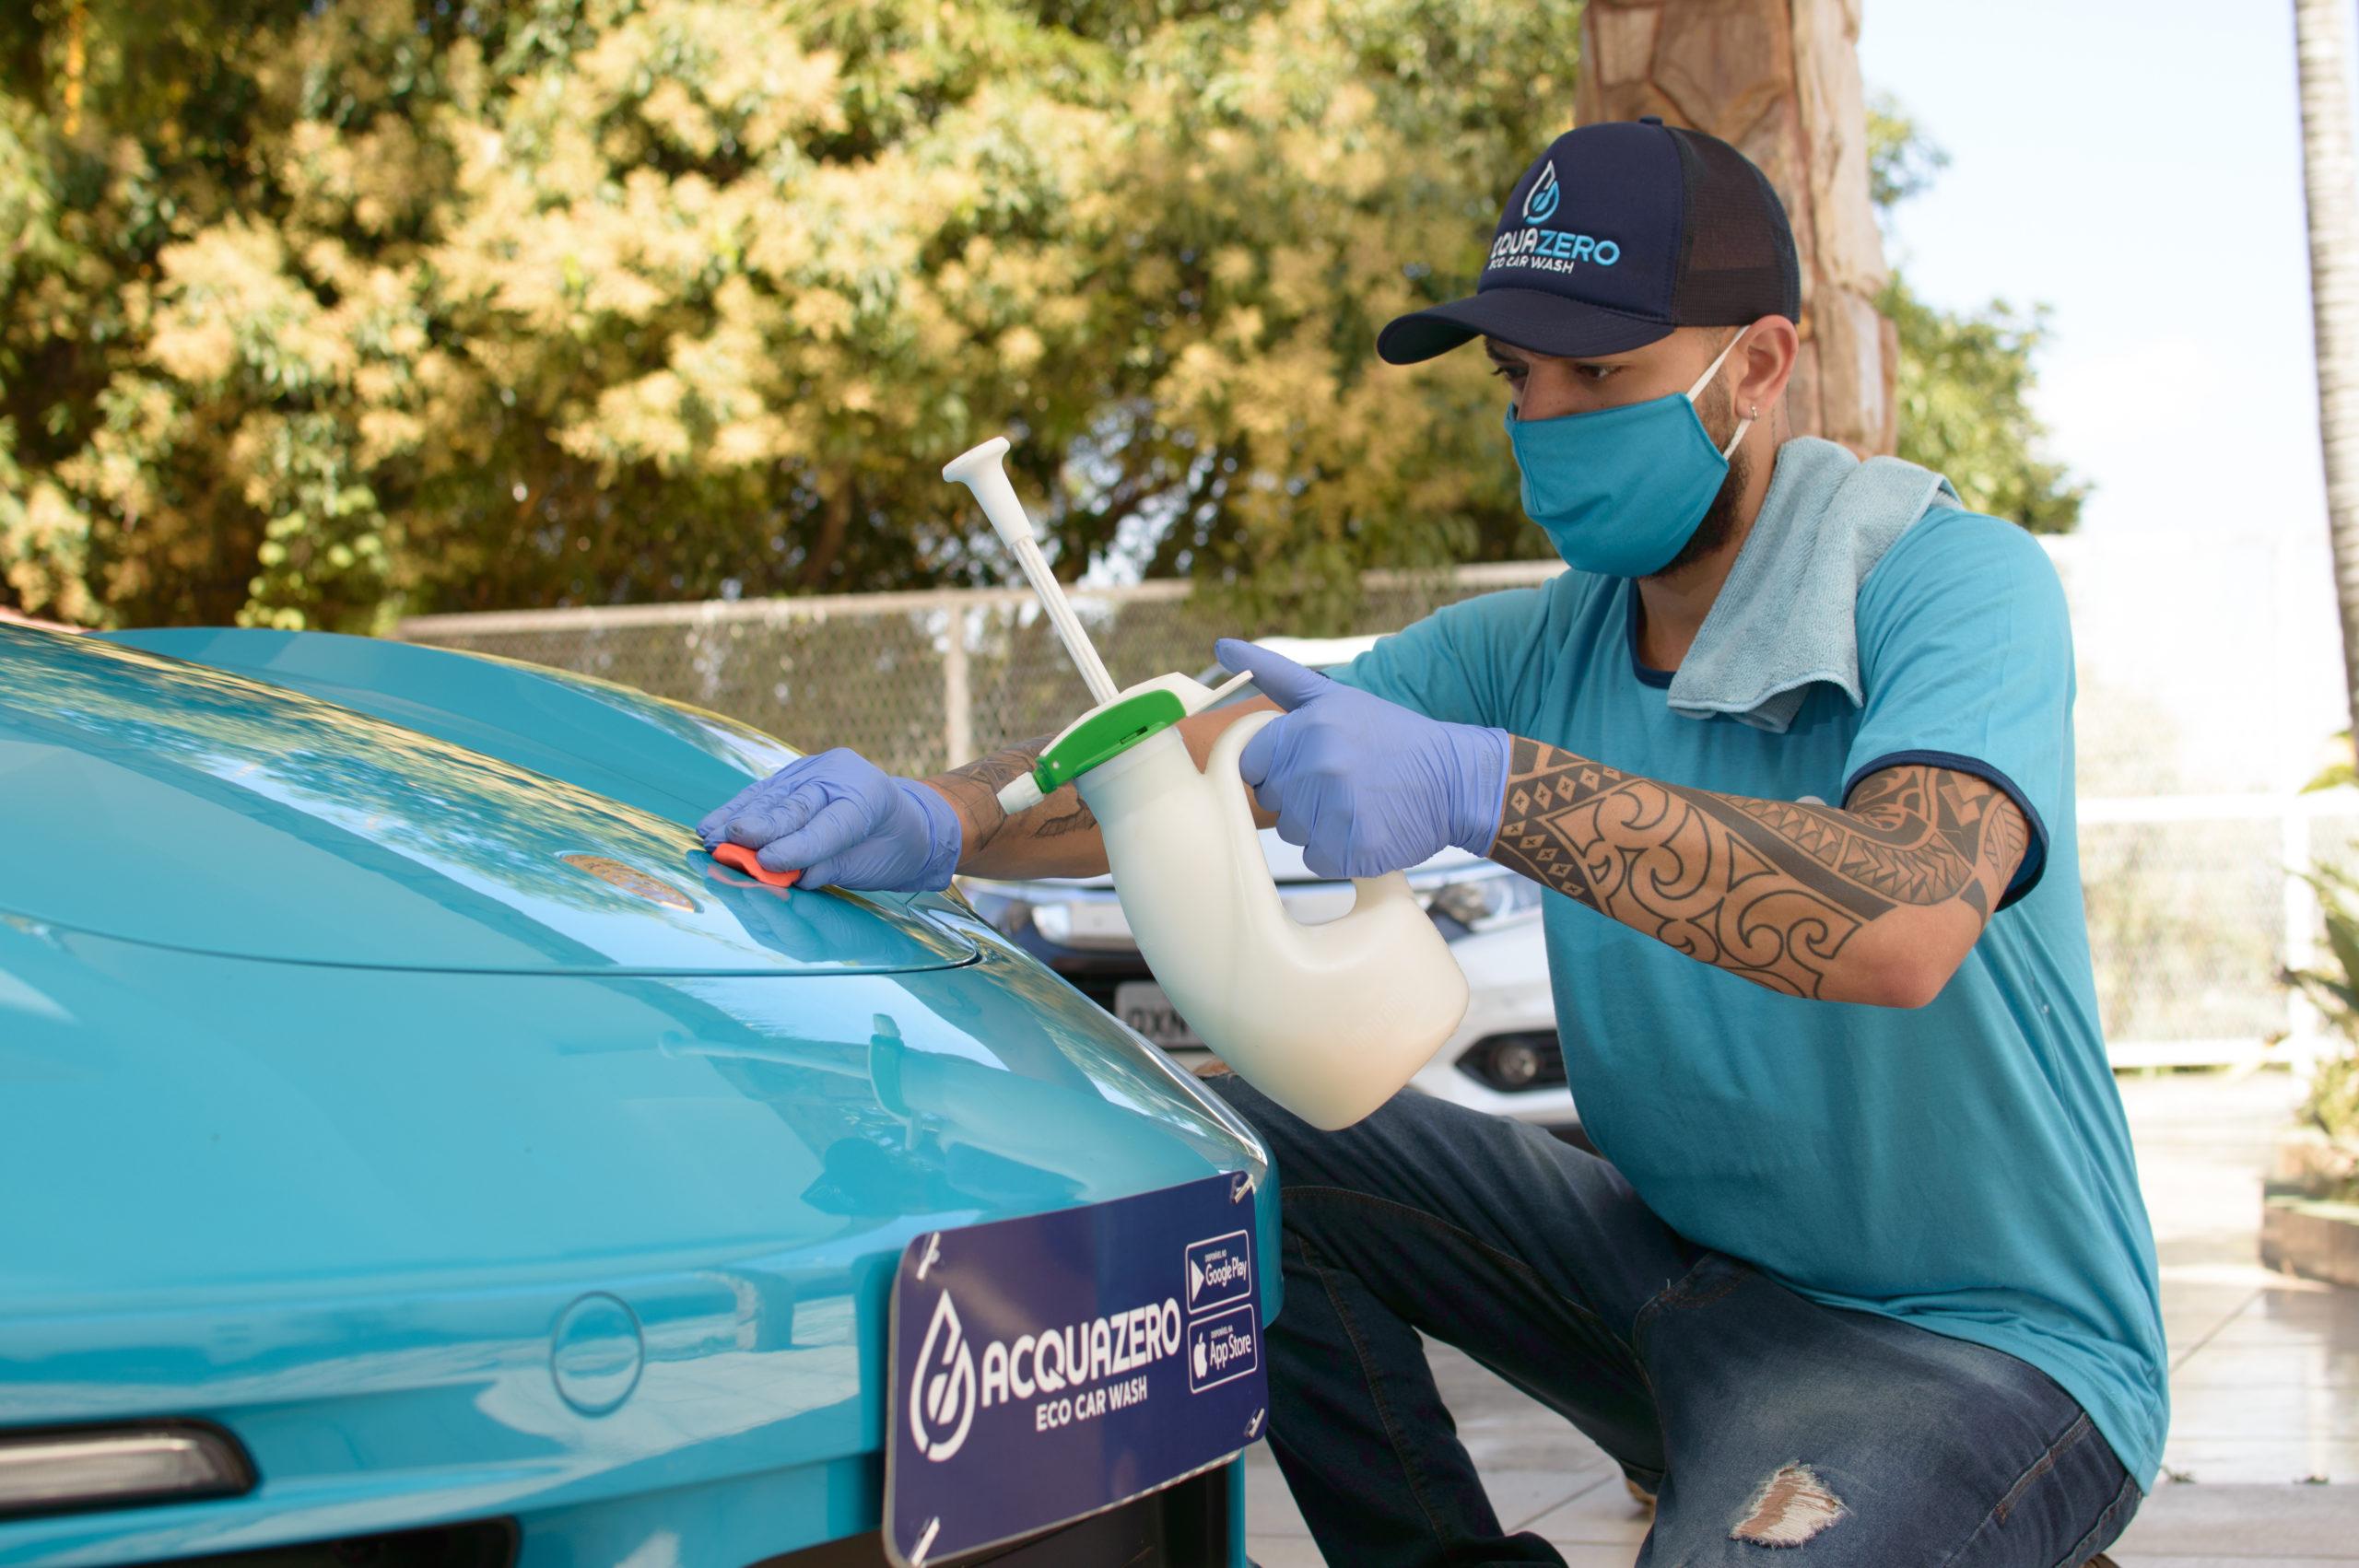 Vemos de um técnico da Acquazero devidamente paramentado, com máscara e luvas, limpando o capô de um carro azul (imagem ilustrativa). Texto: franquias com menos de 50 mil.